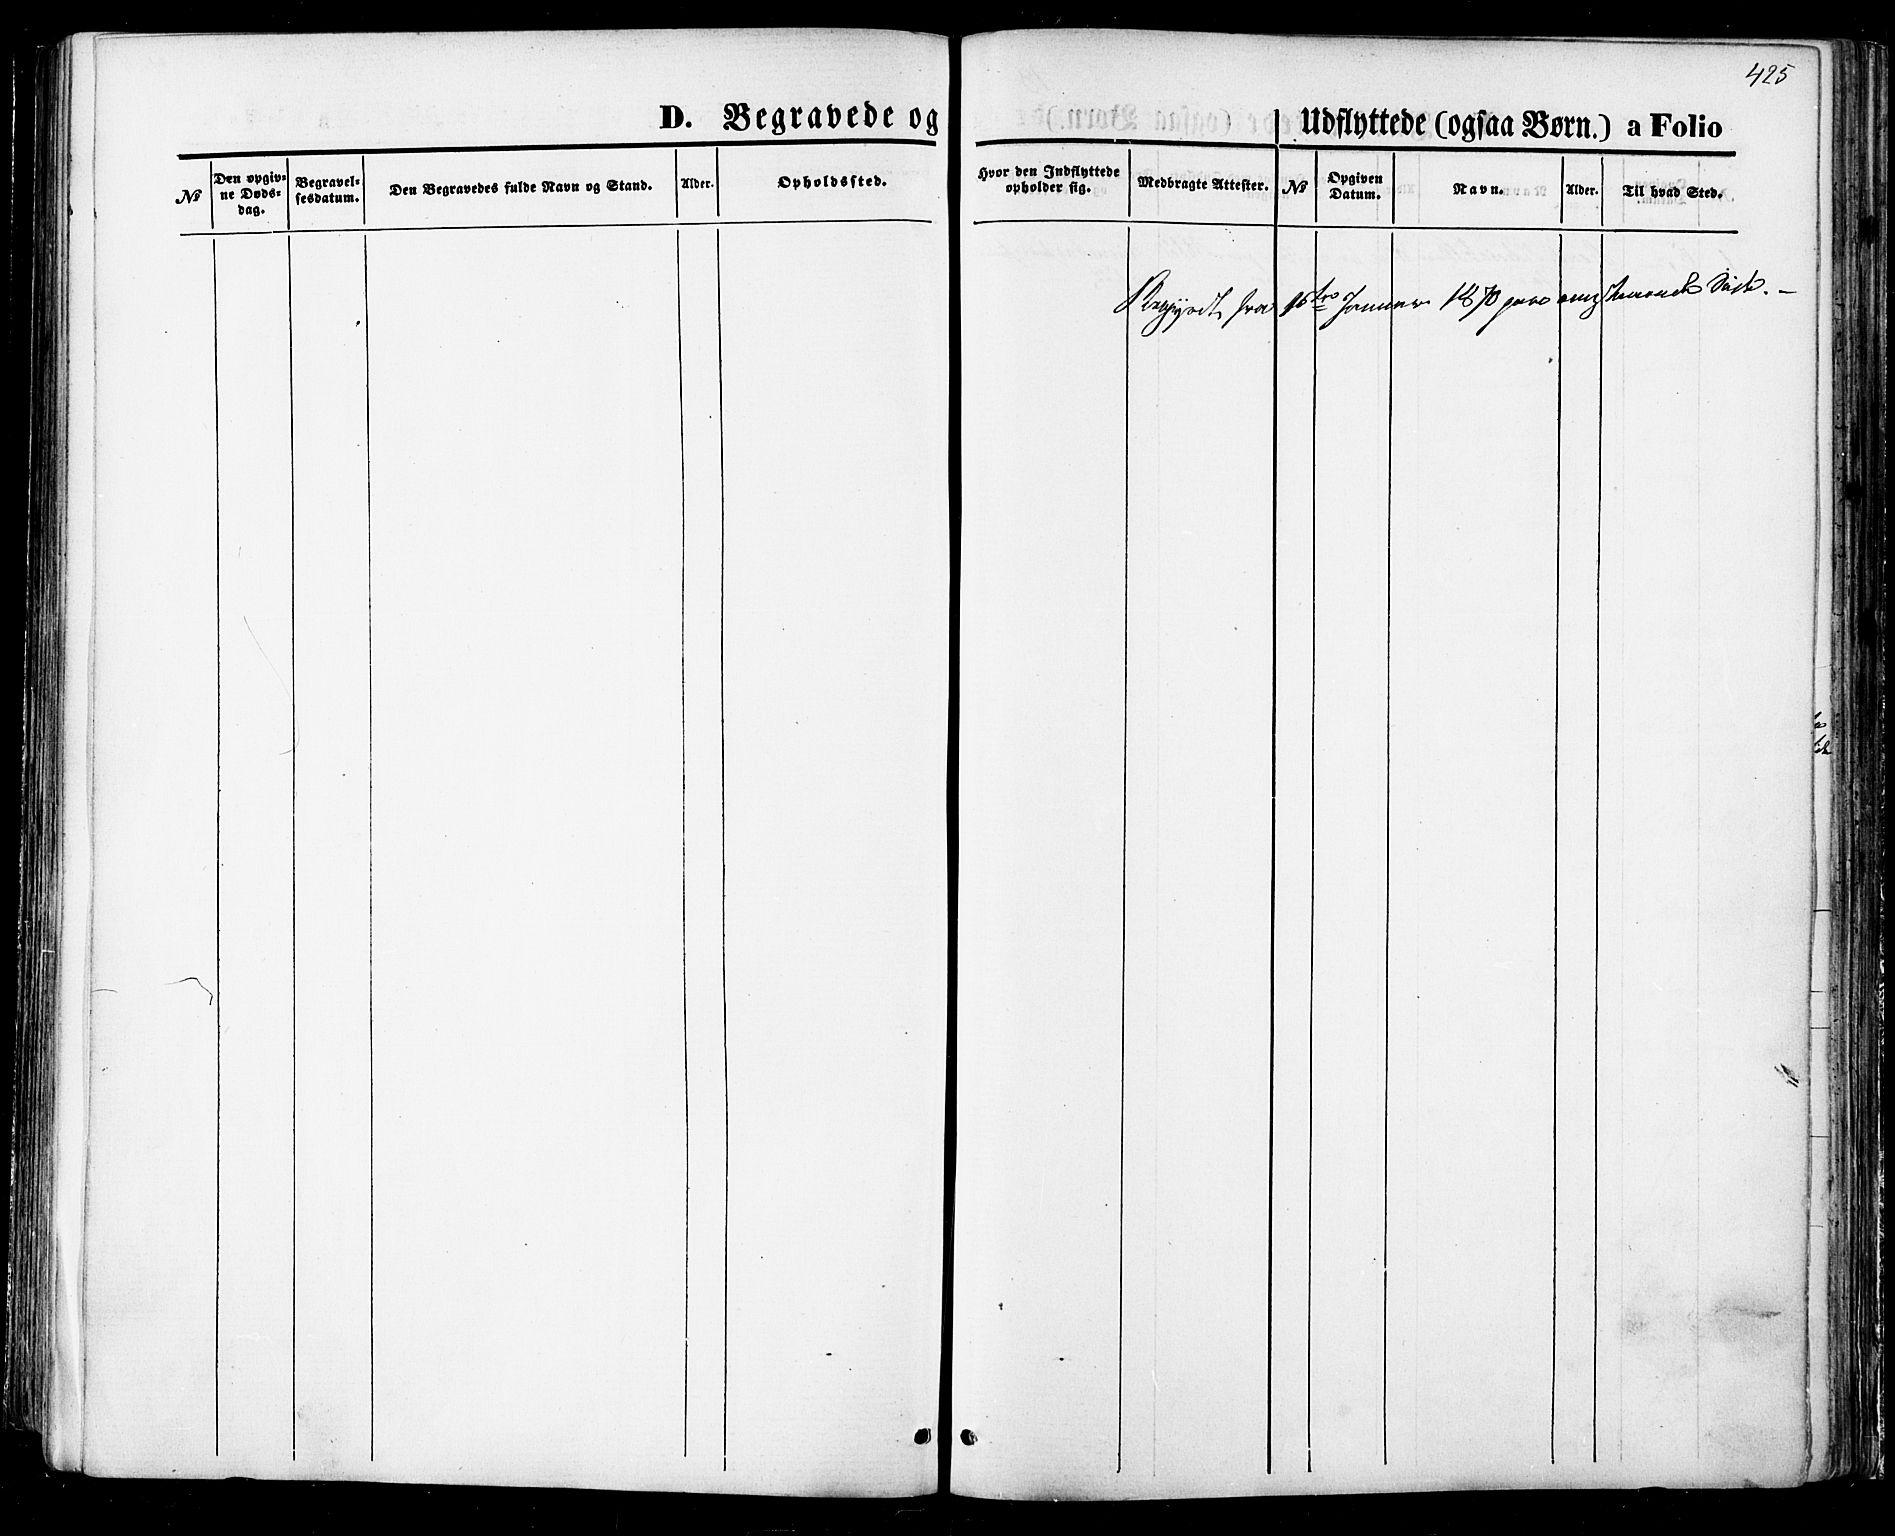 SAT, Ministerialprotokoller, klokkerbøker og fødselsregistre - Sør-Trøndelag, 668/L0807: Ministerialbok nr. 668A07, 1870-1880, s. 425